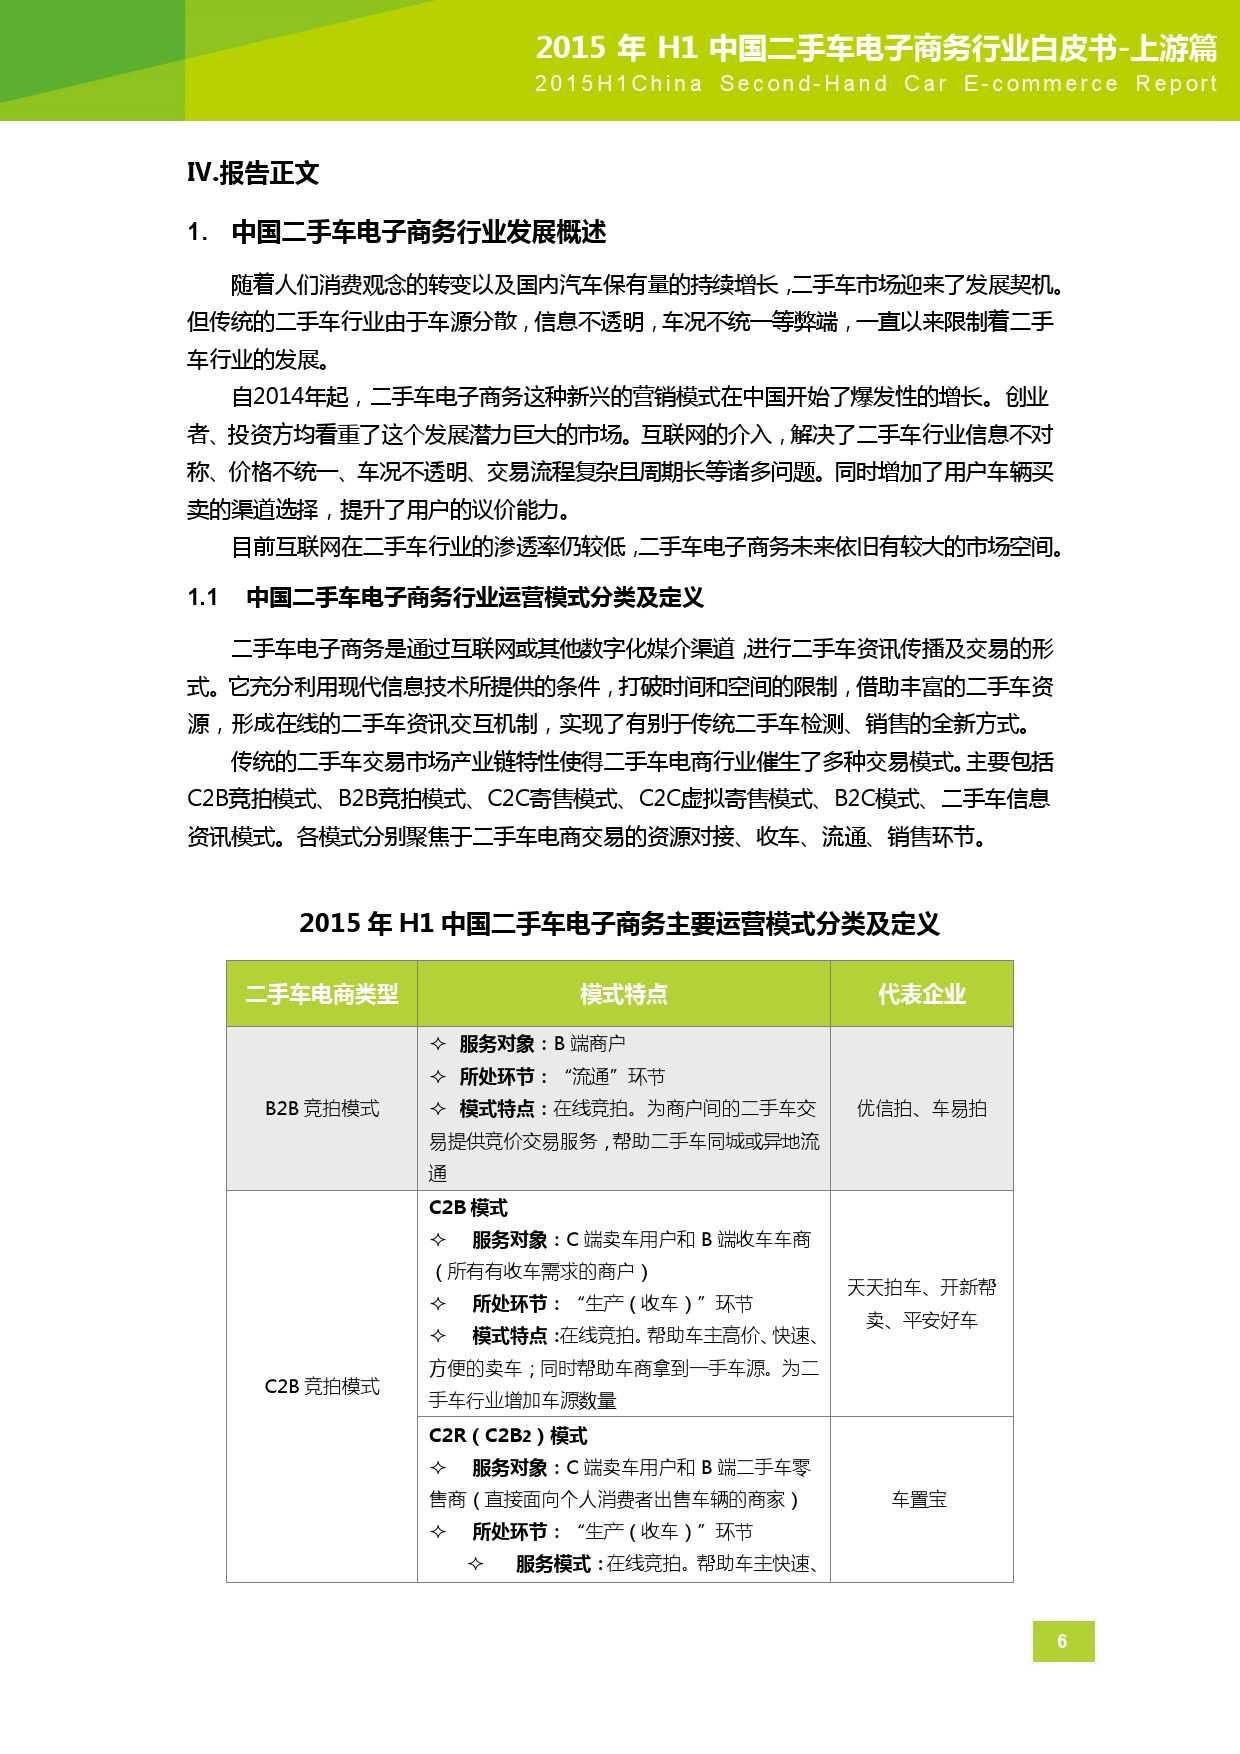 2015年中国二手车电子商务行业白皮书-上游篇_000007